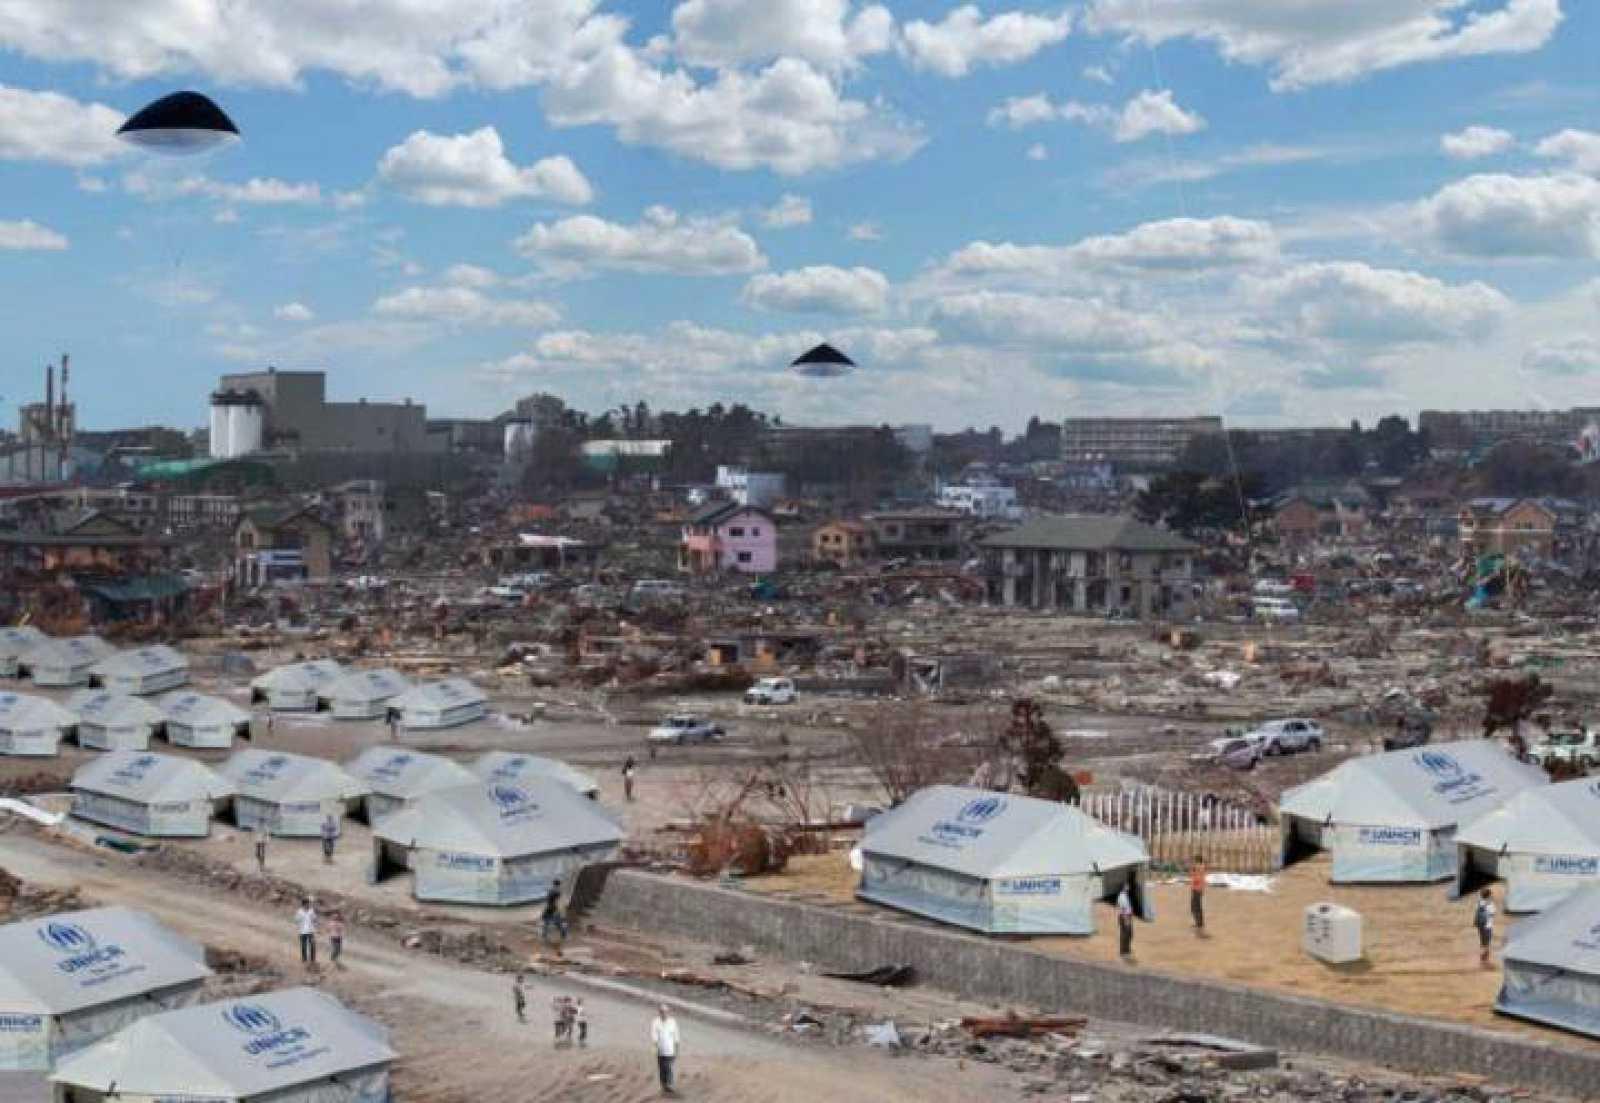 Recreación de los globos fotovoltaicos funcionando sobre una zona de desastre.